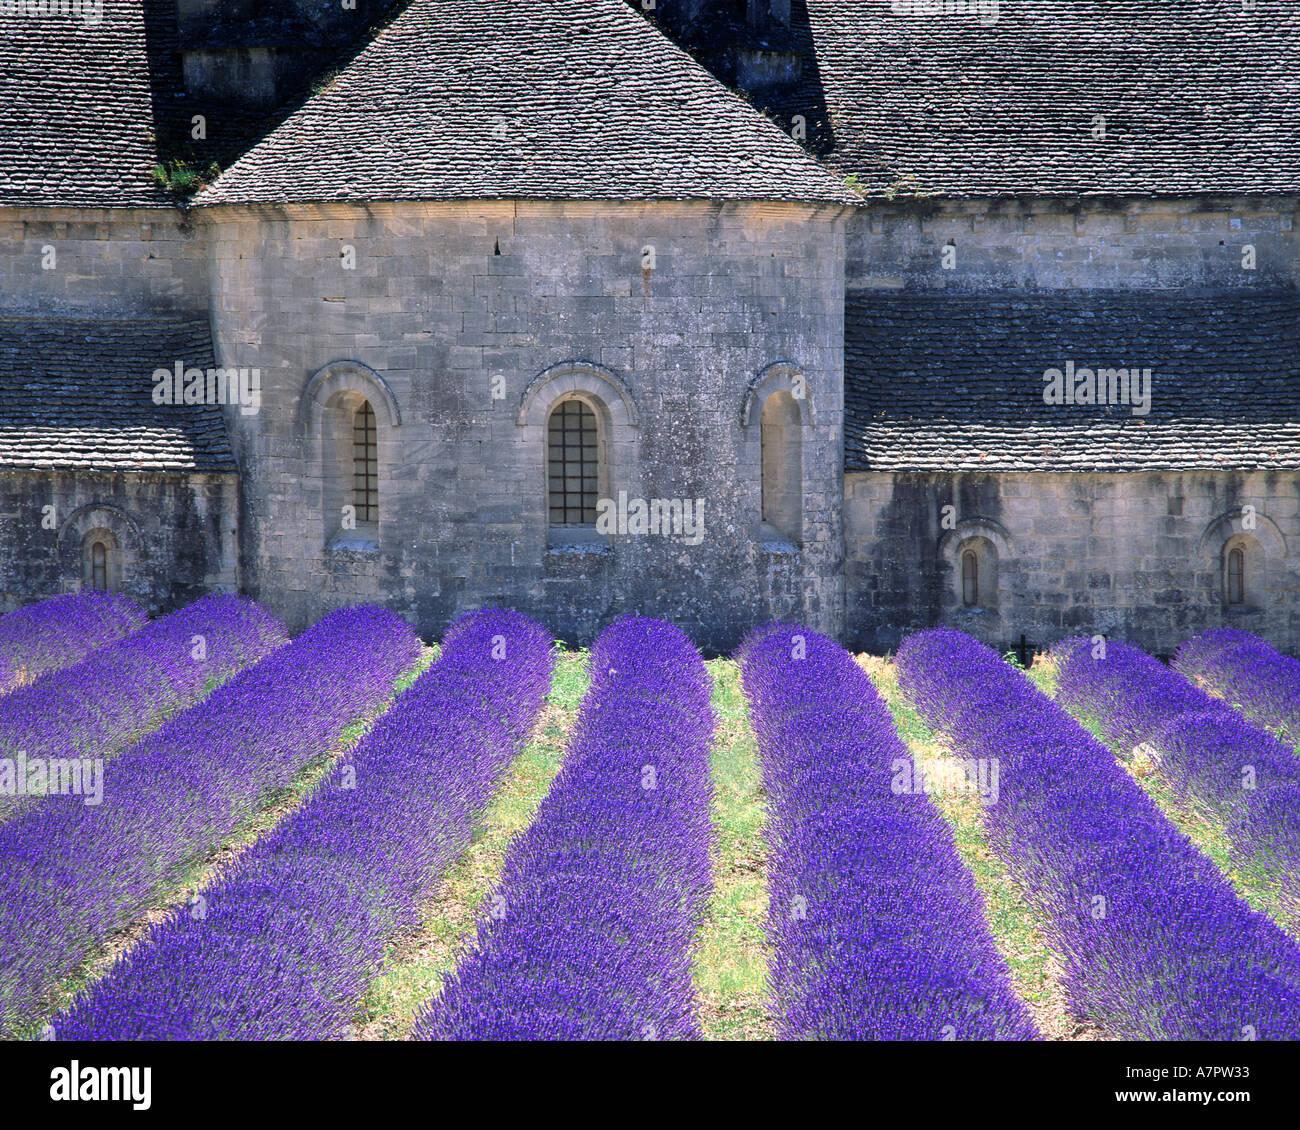 FR - PROVENCE: Abbaye de Senanque near Gordes - Stock Image